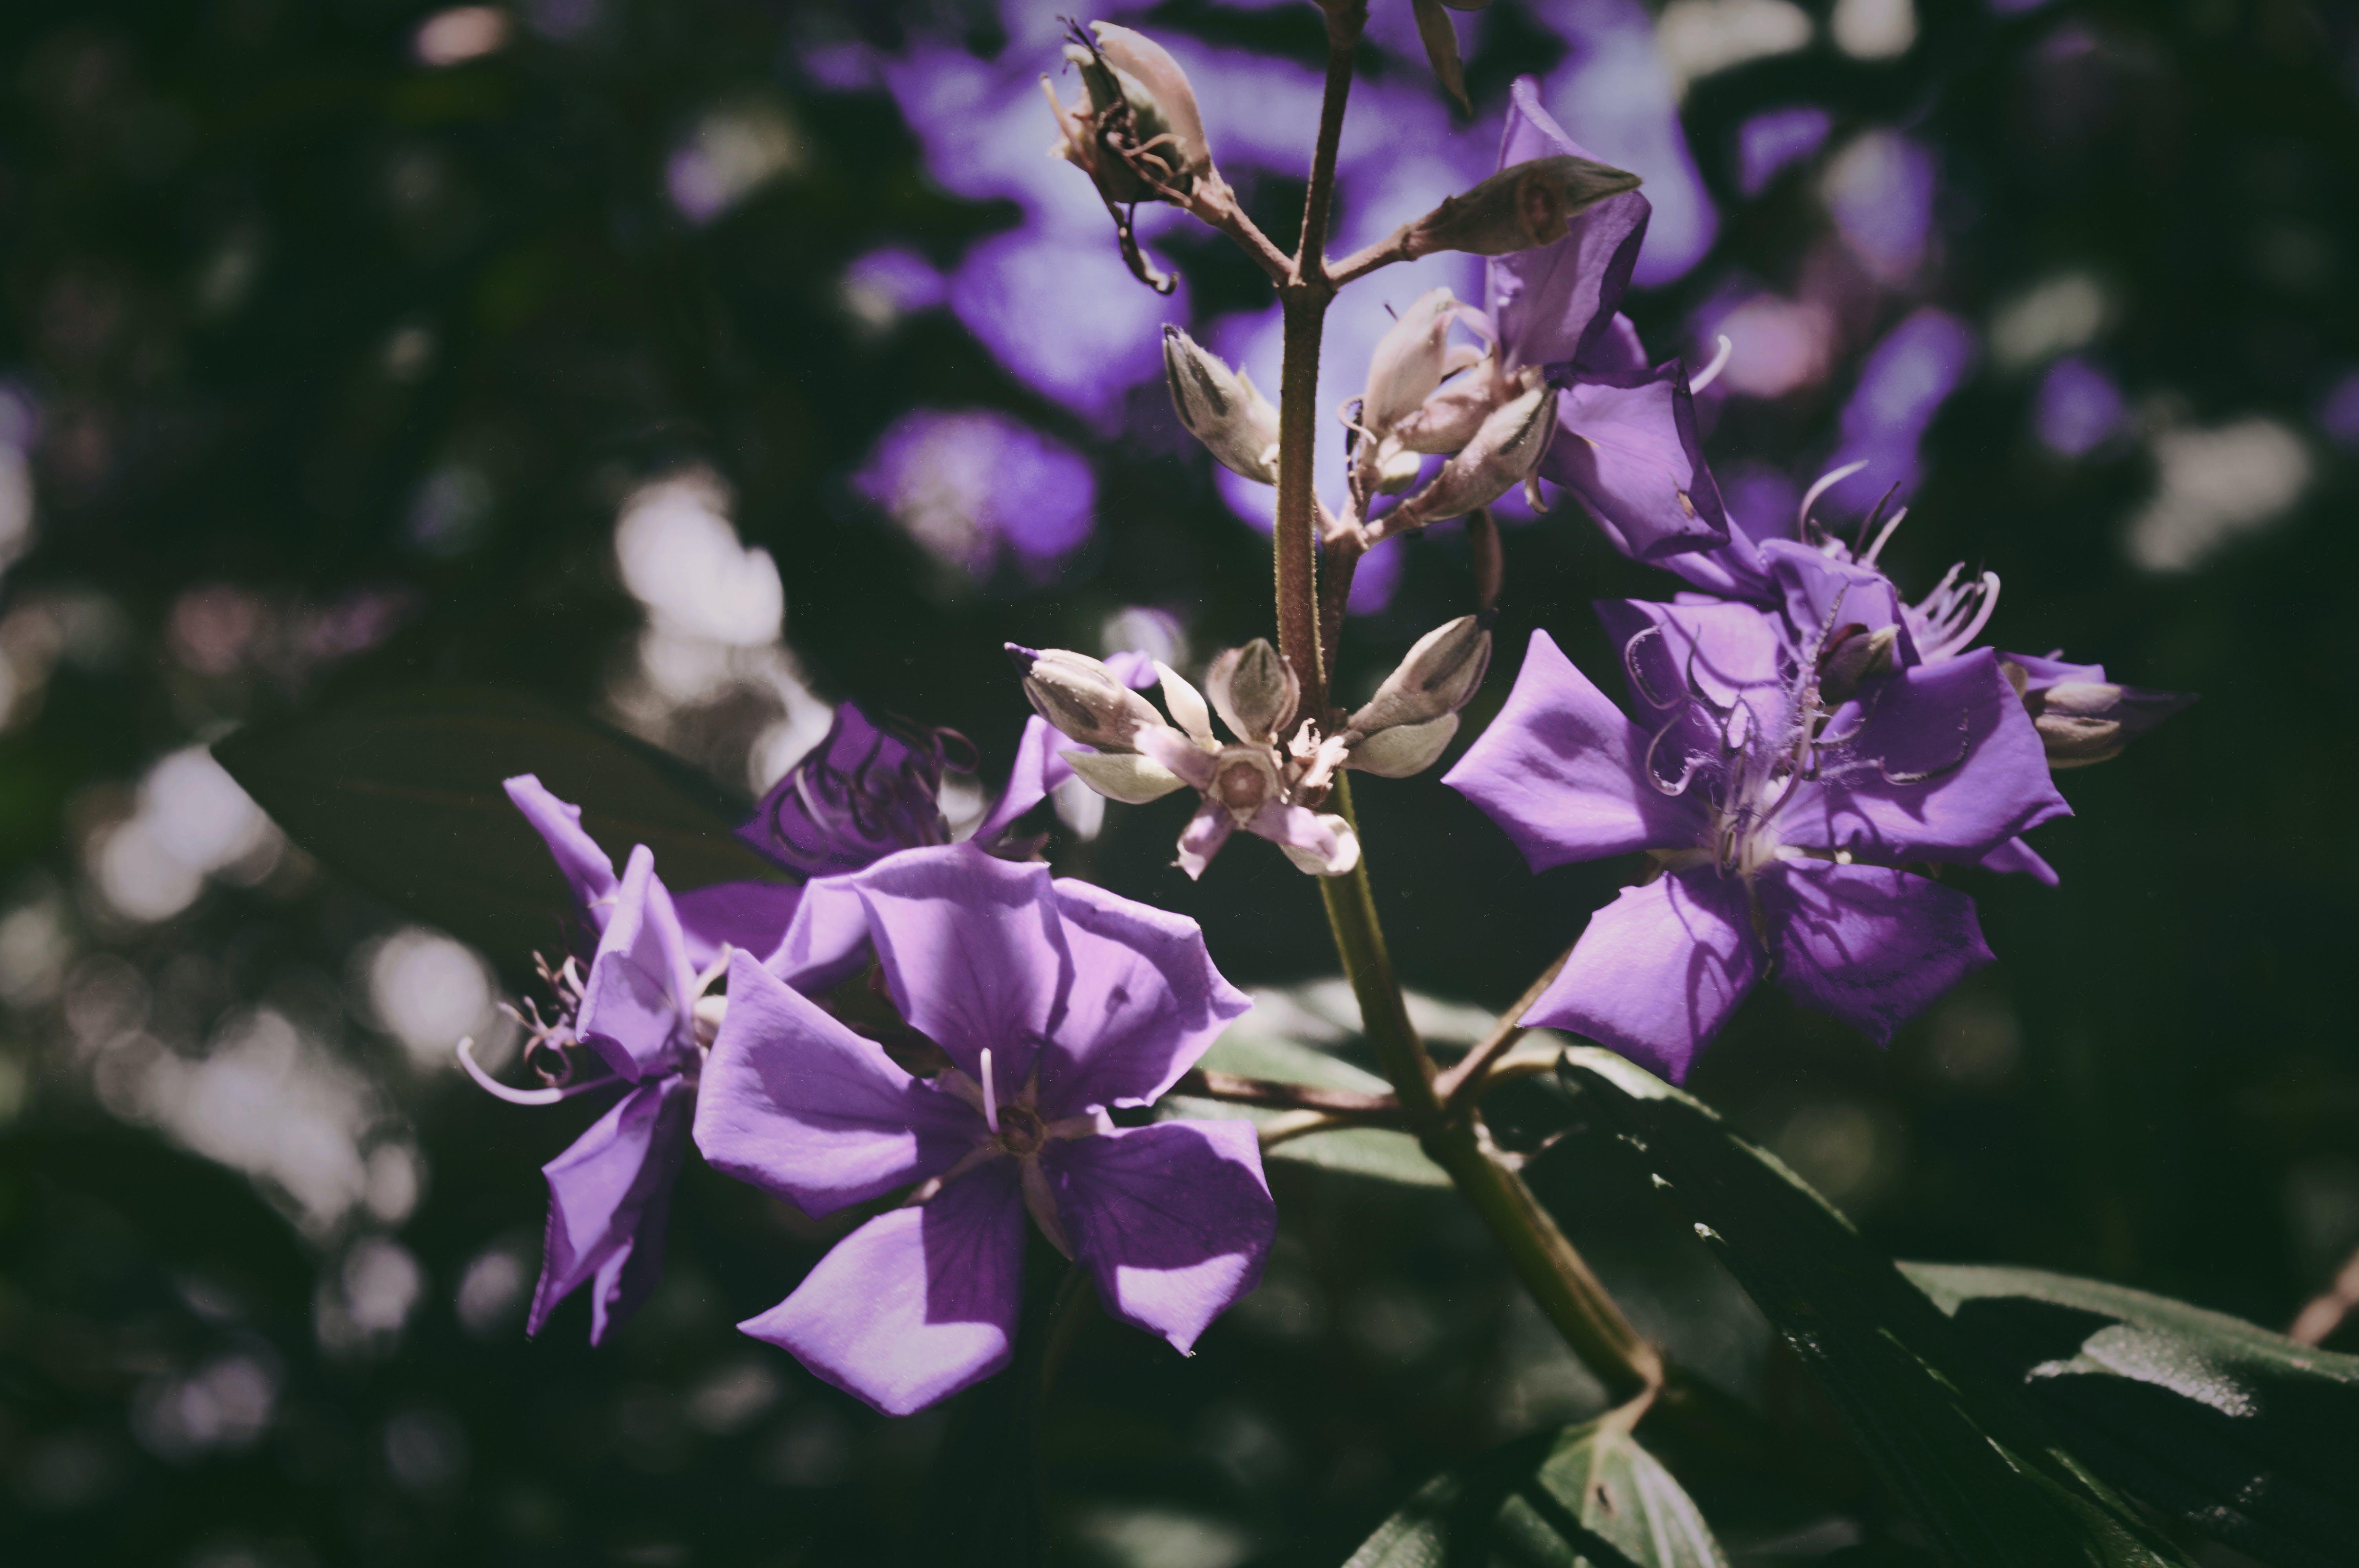 คลังภาพถ่ายฟรี ของ กลางวัน, กลางแจ้ง, กลีบดอก, การเจริญเติบโต